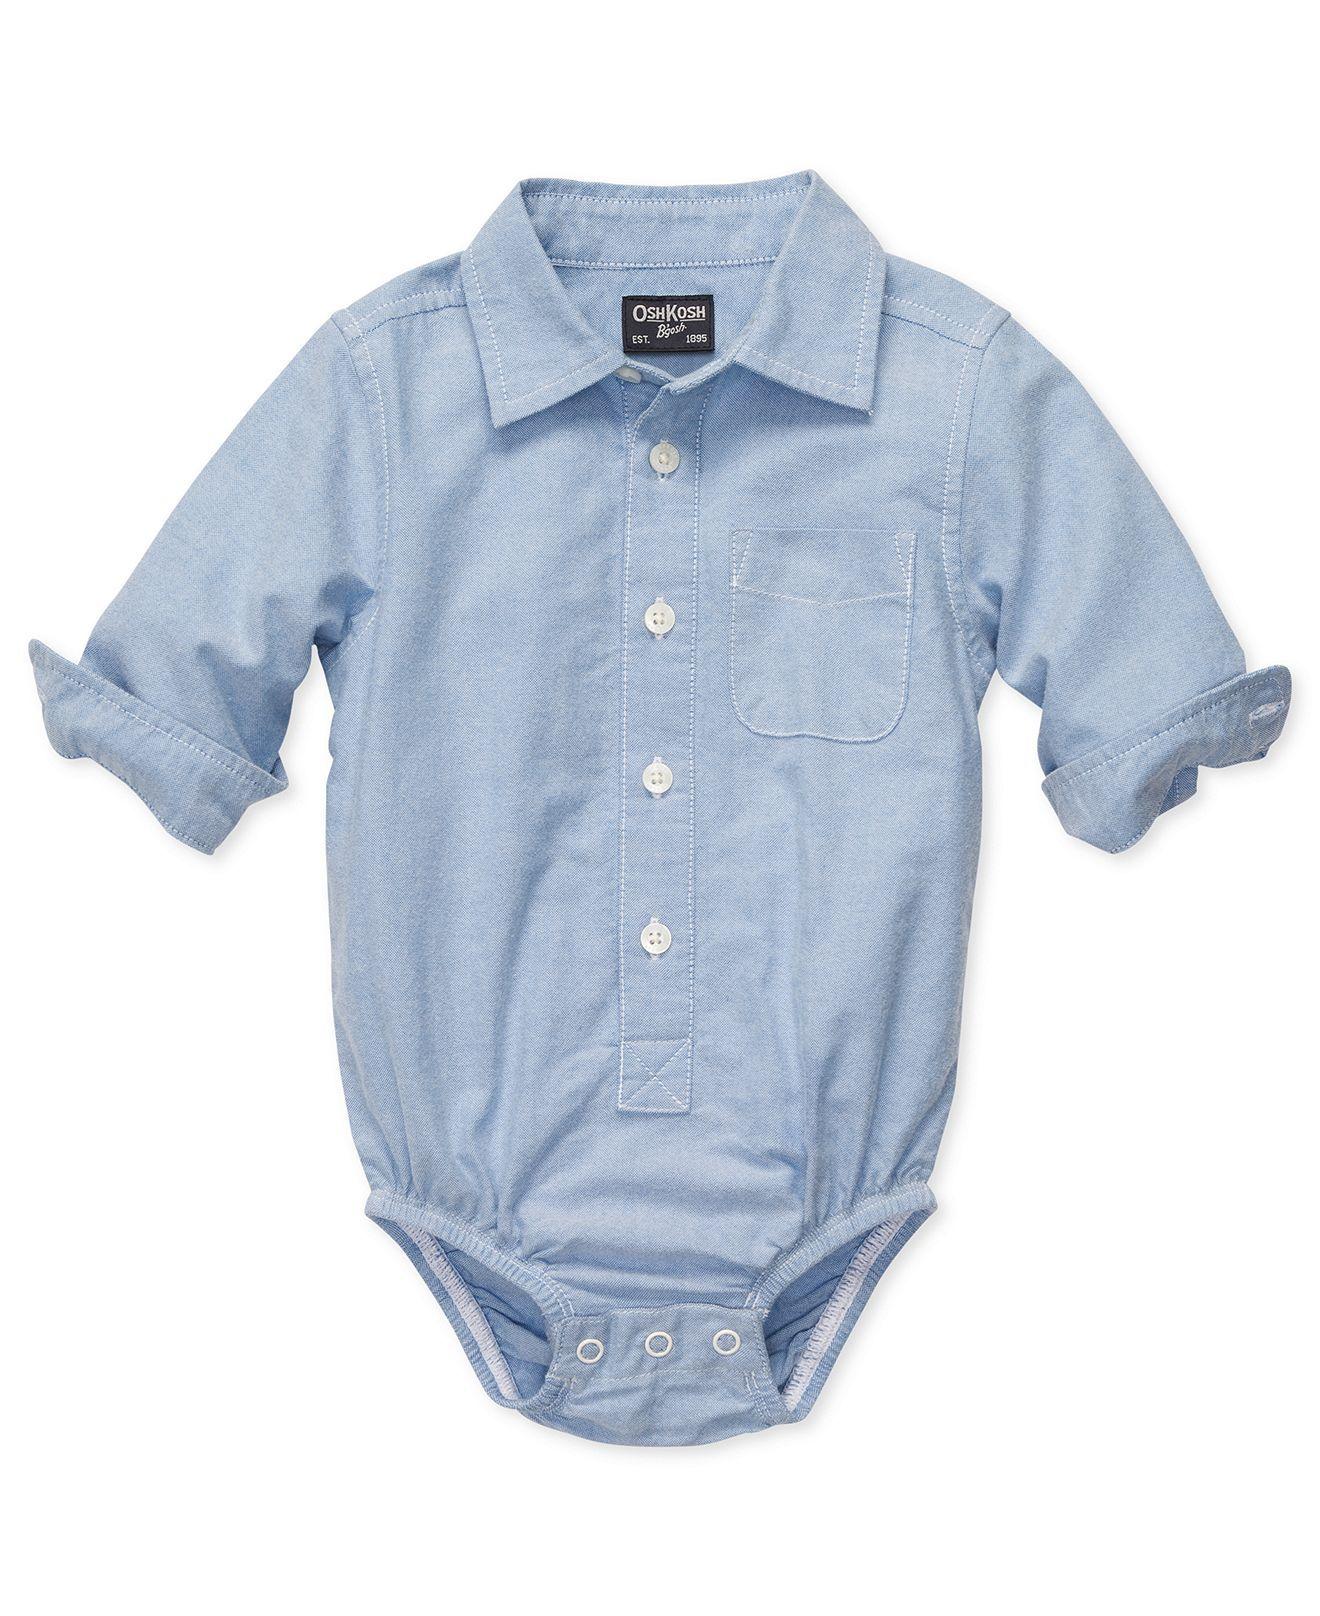 Osh Kosh Bgosh Baby Bodysuit Baby Boys Poplin Bodysuit Kids Baby